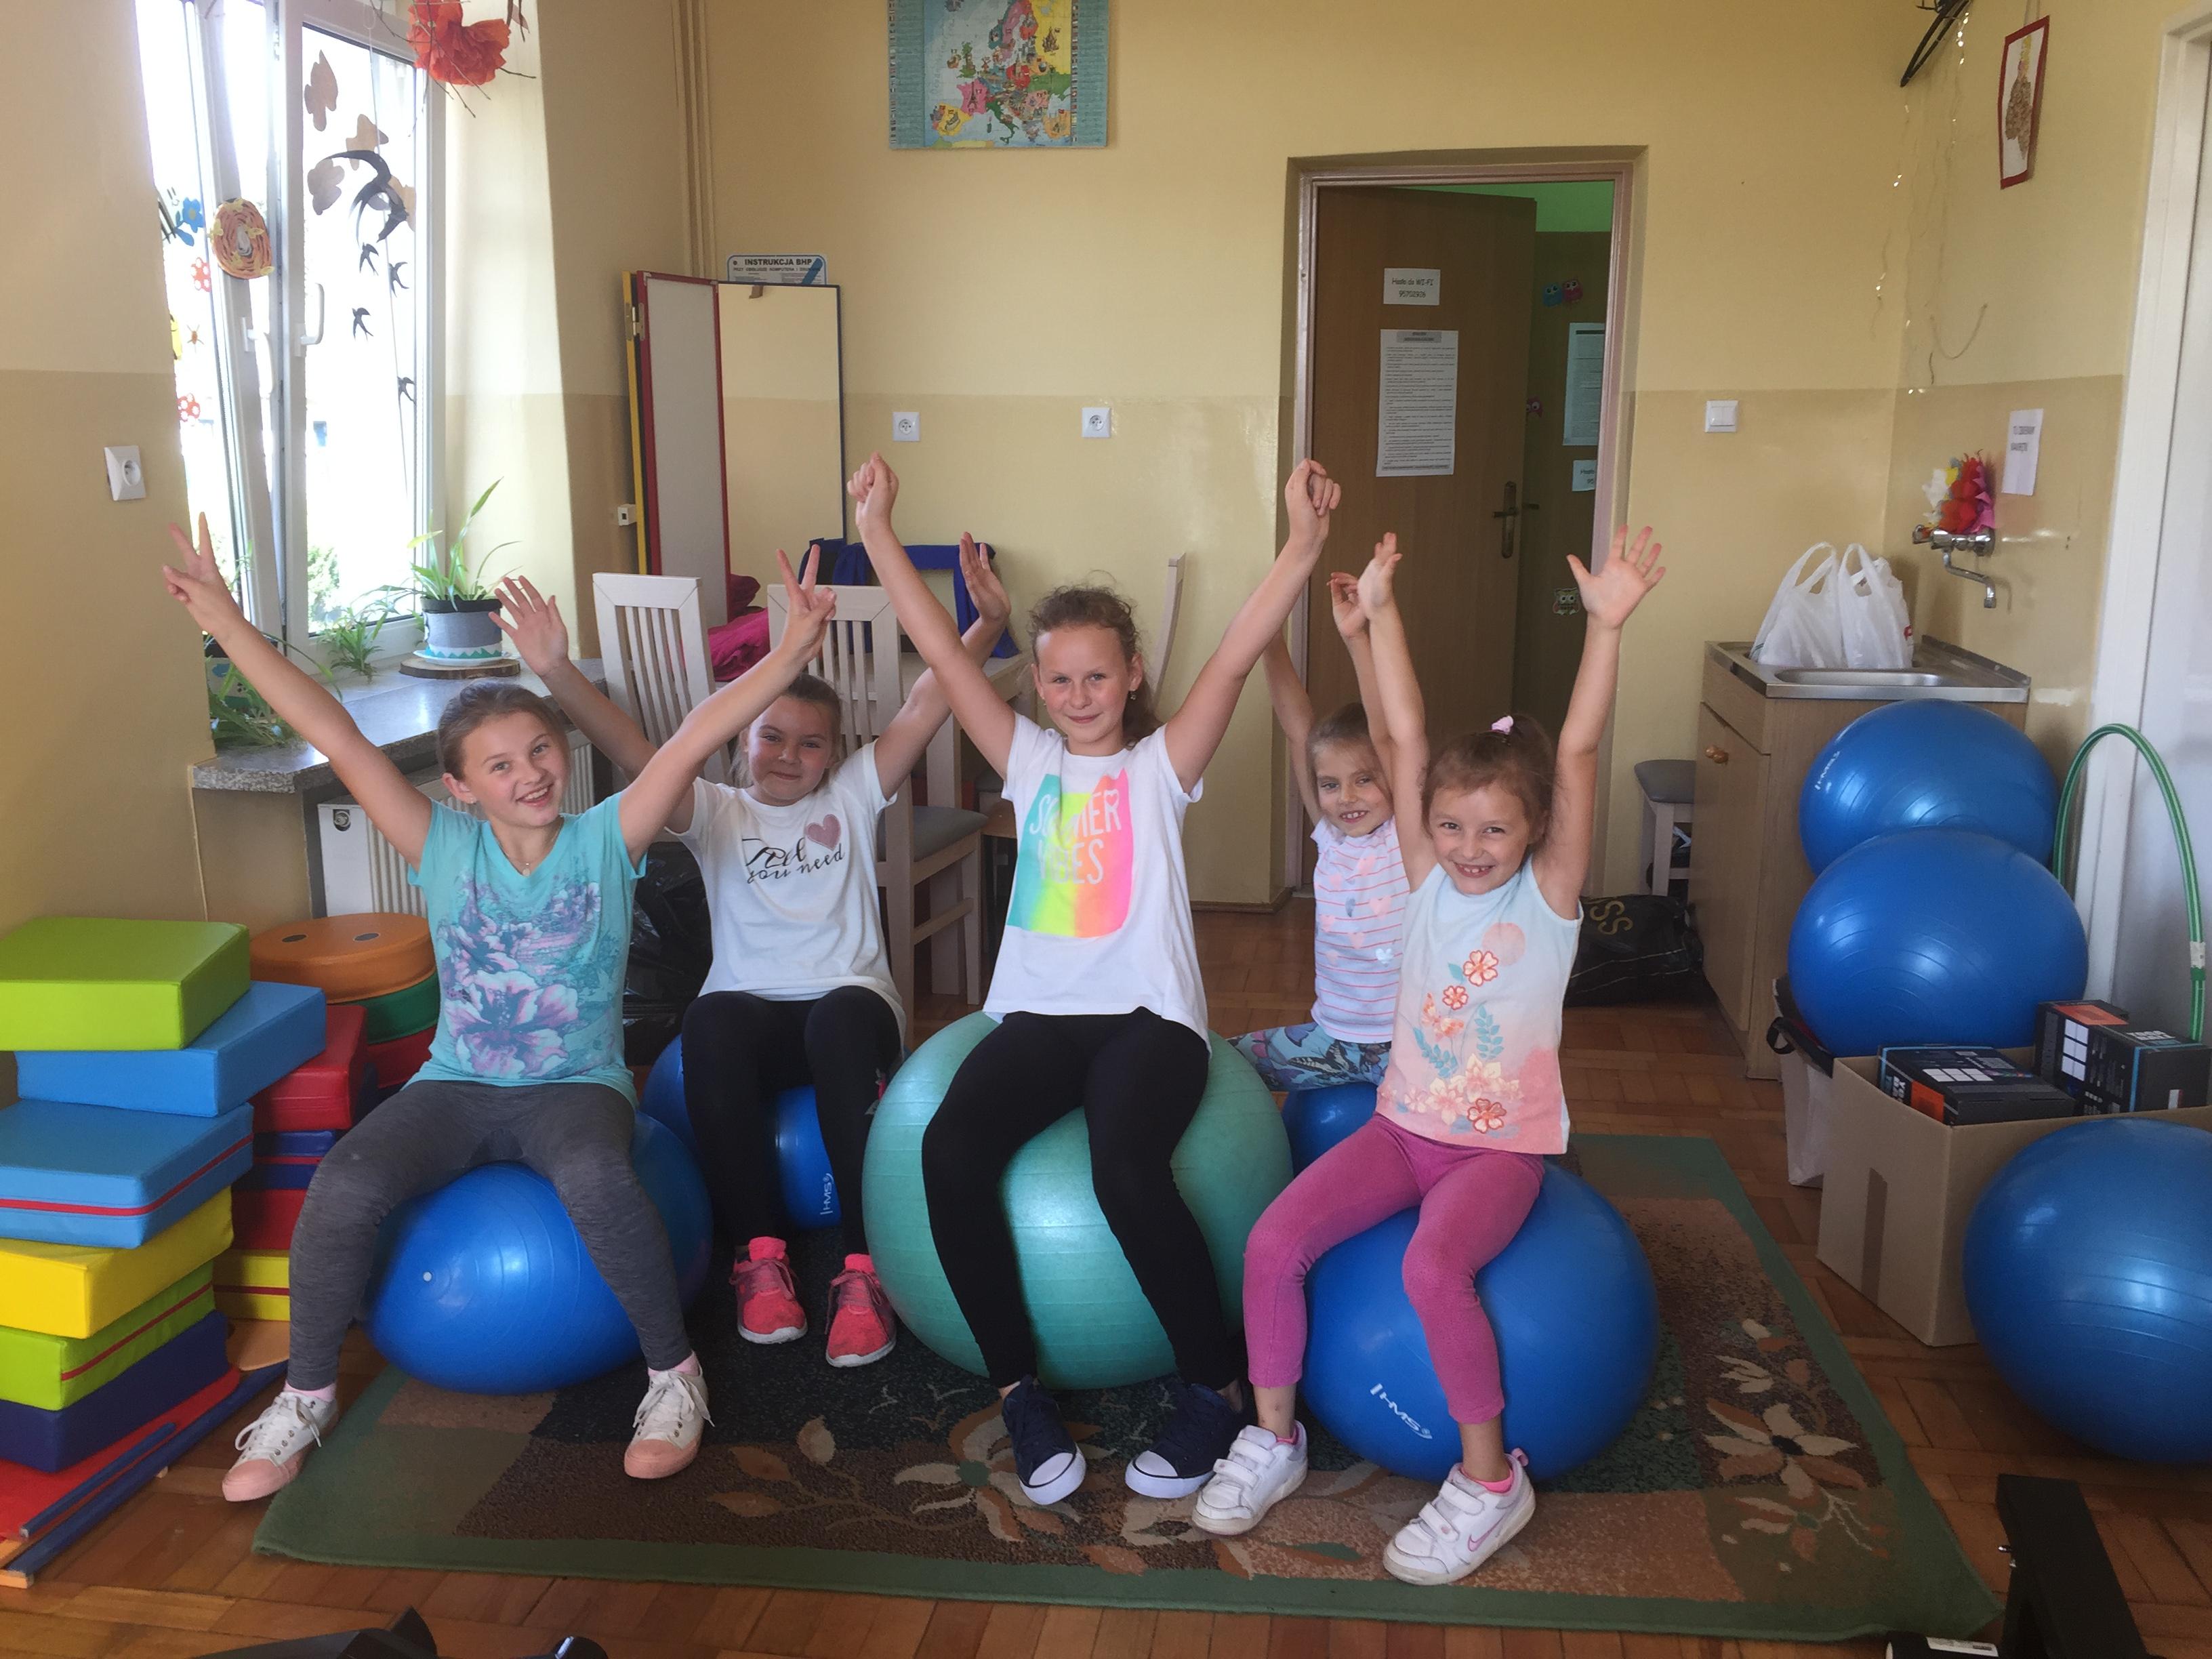 Projekt organizowany w gminie Dzikowiec miał za zadanie integrować młodzież i stworzyć dla niej przyjazne miejsca - Zdjęcie główne